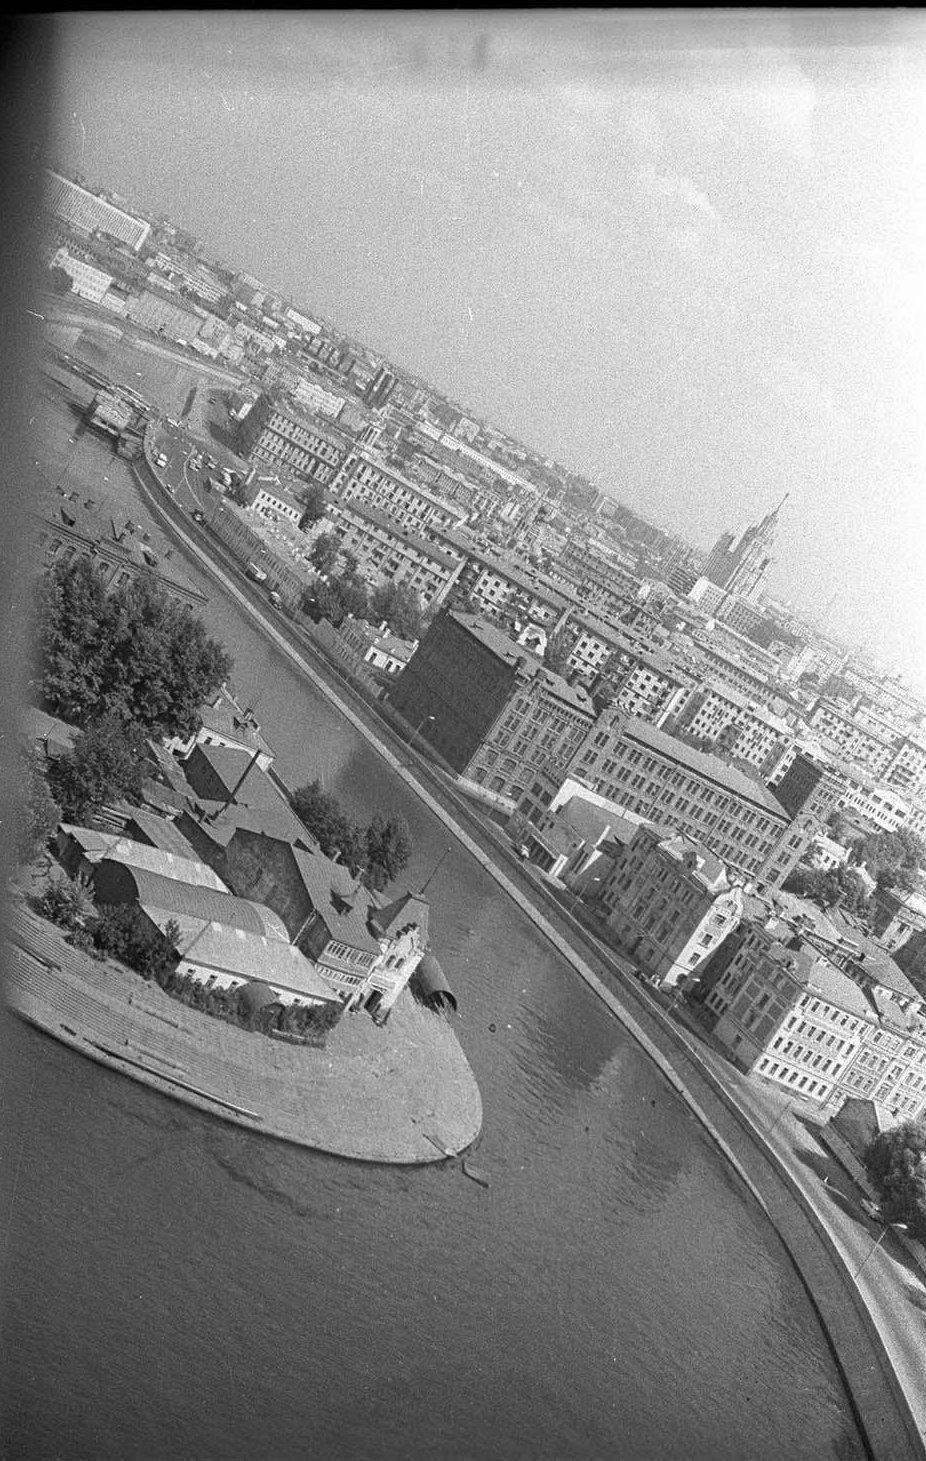 1960-е. Стрелка Москвы-реки и Водоотводного канала. Замоскворечье.